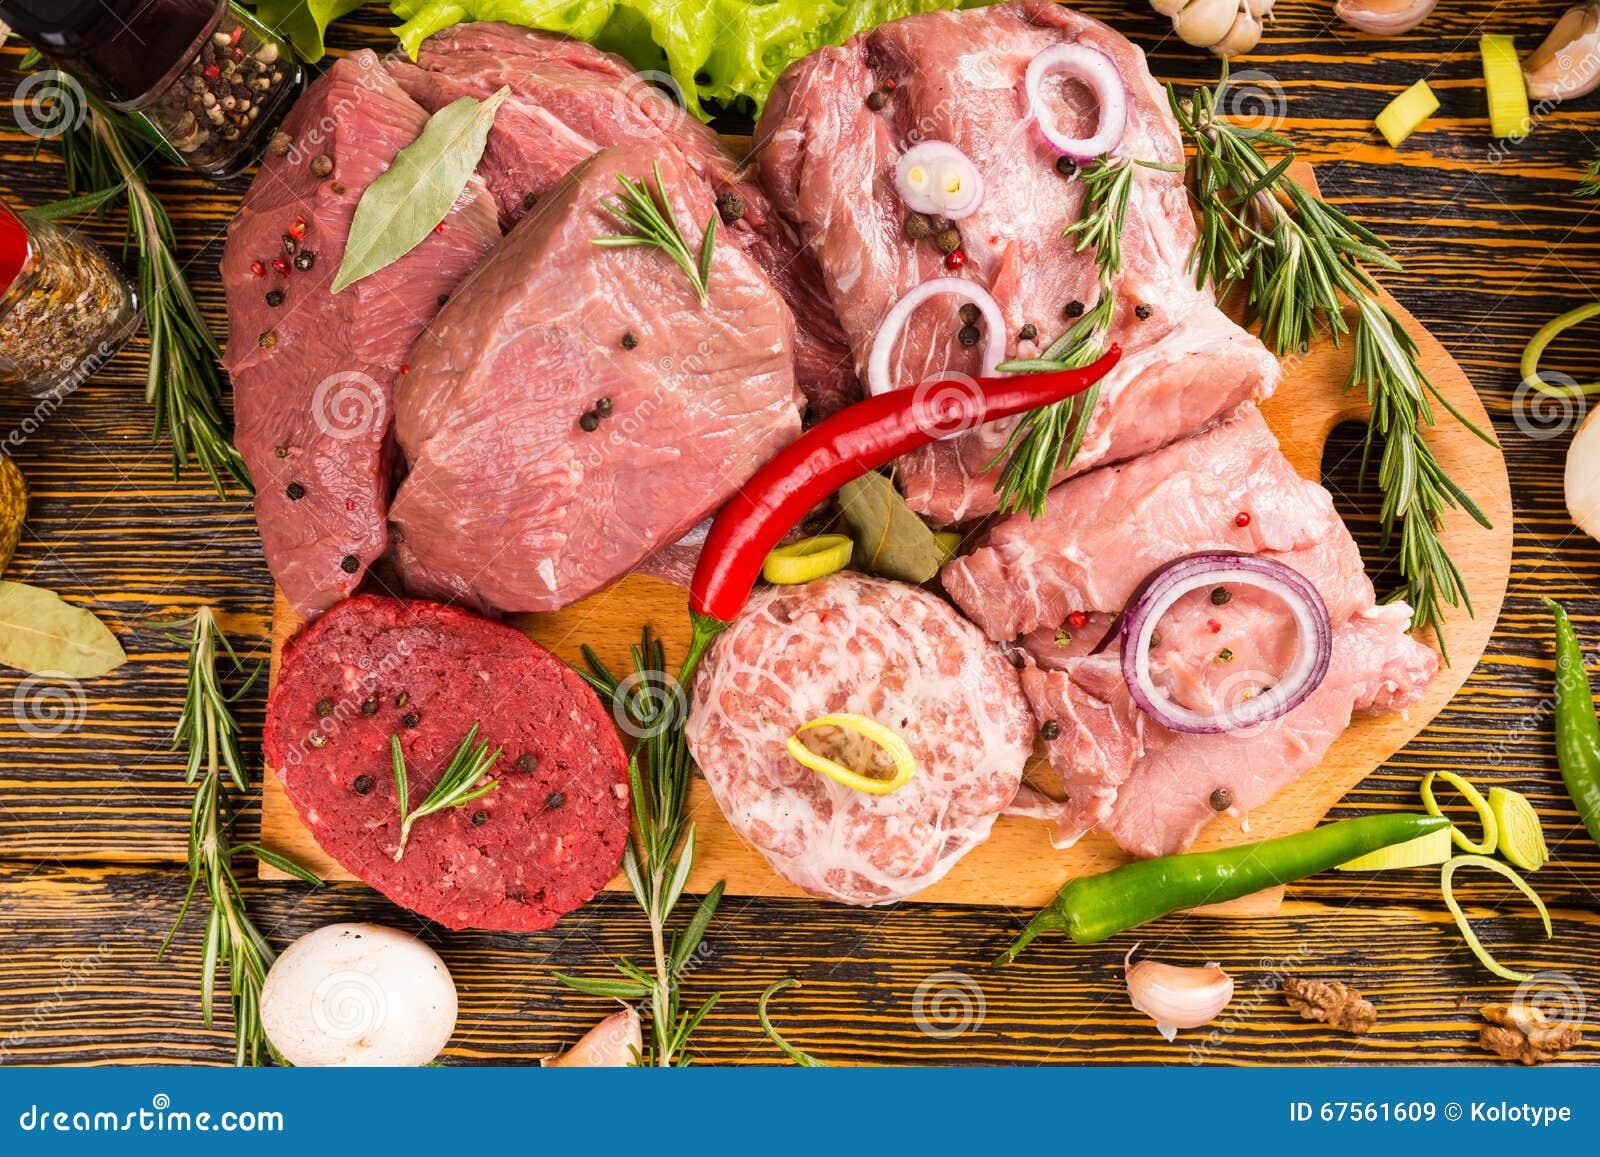 未分类的猪肉和牛肉的加工与调味料猪肉虫血筋图片